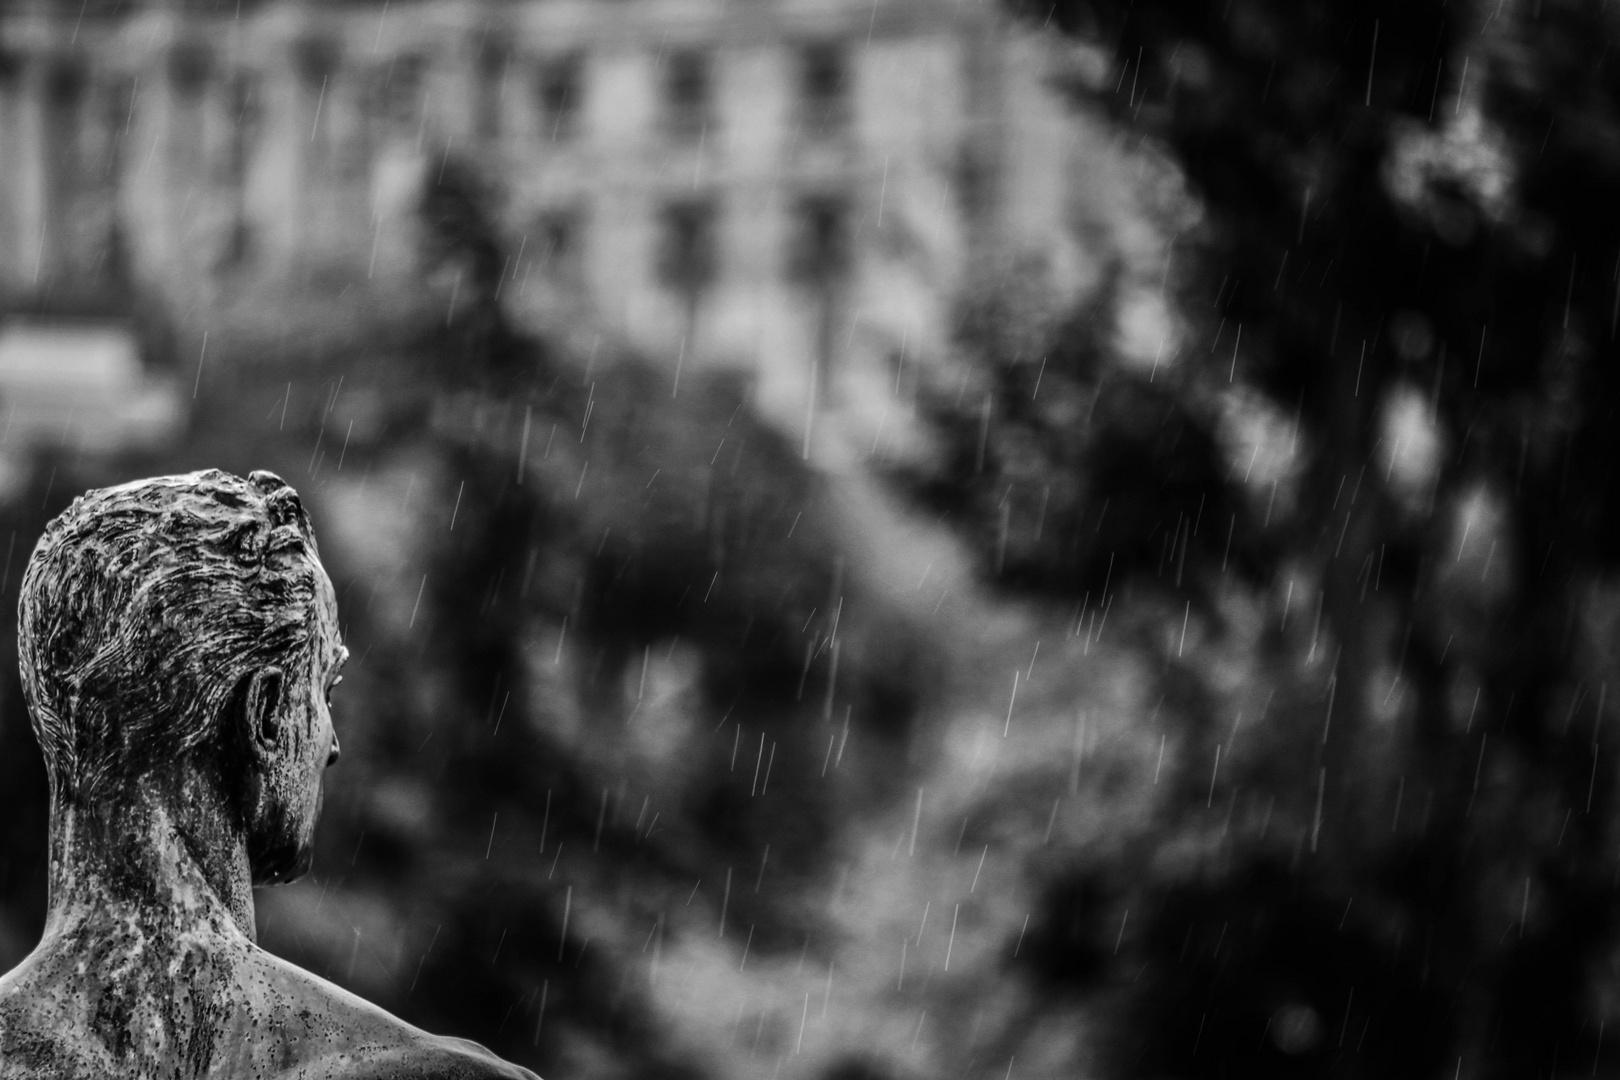 Theseus im Regen